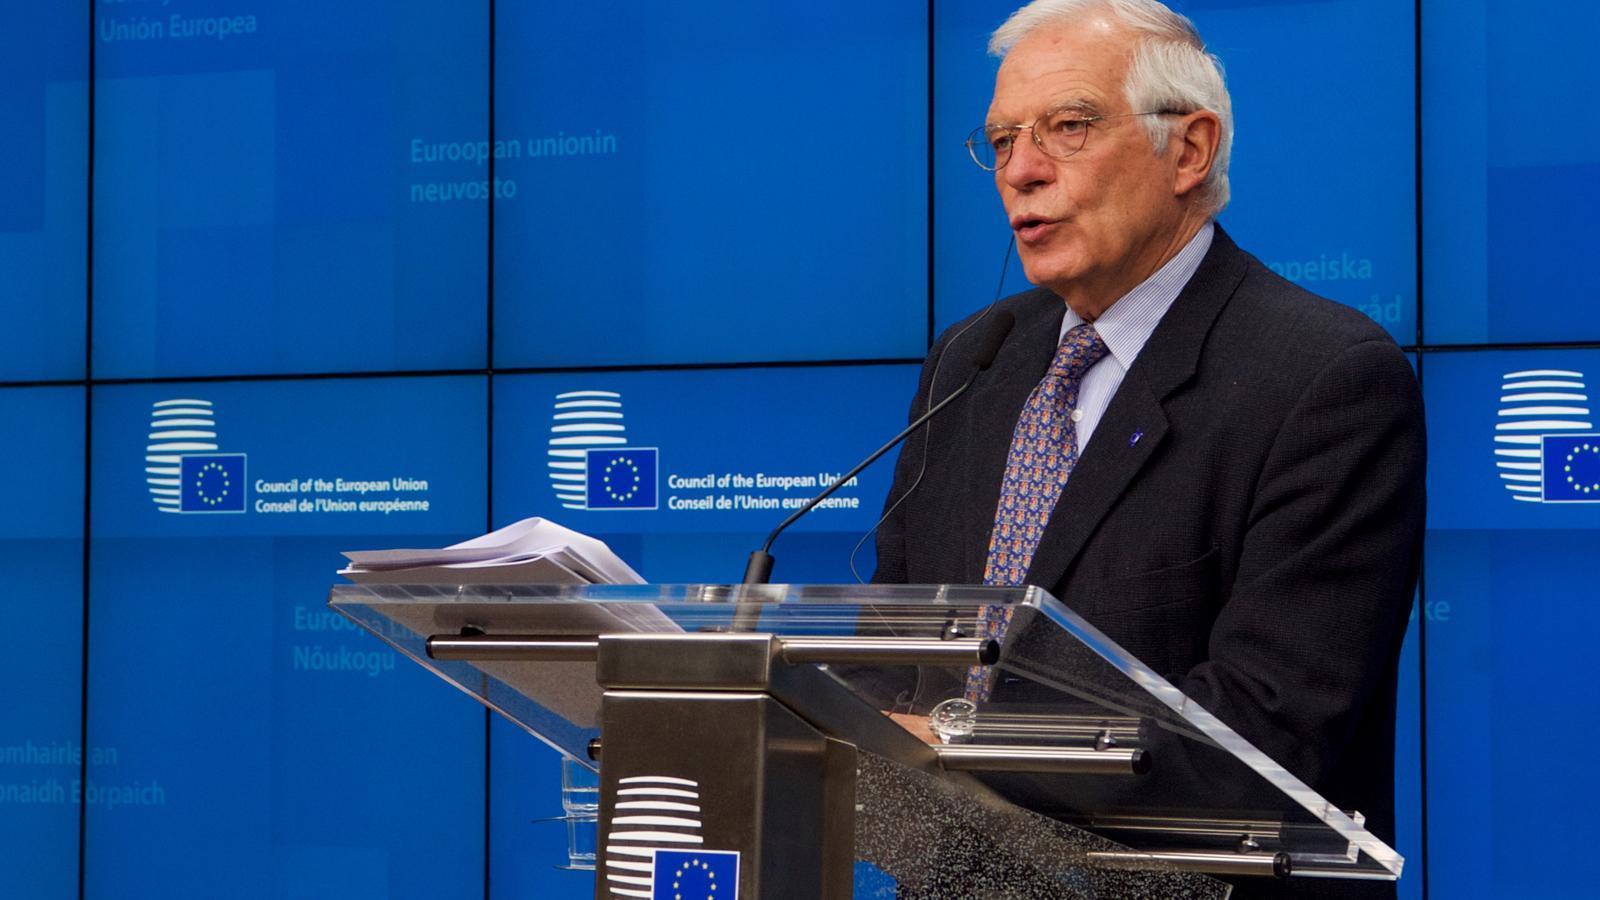 La UE rebutja l'atac a l'autonomia de Hong Kong però no sancionarà la Xina